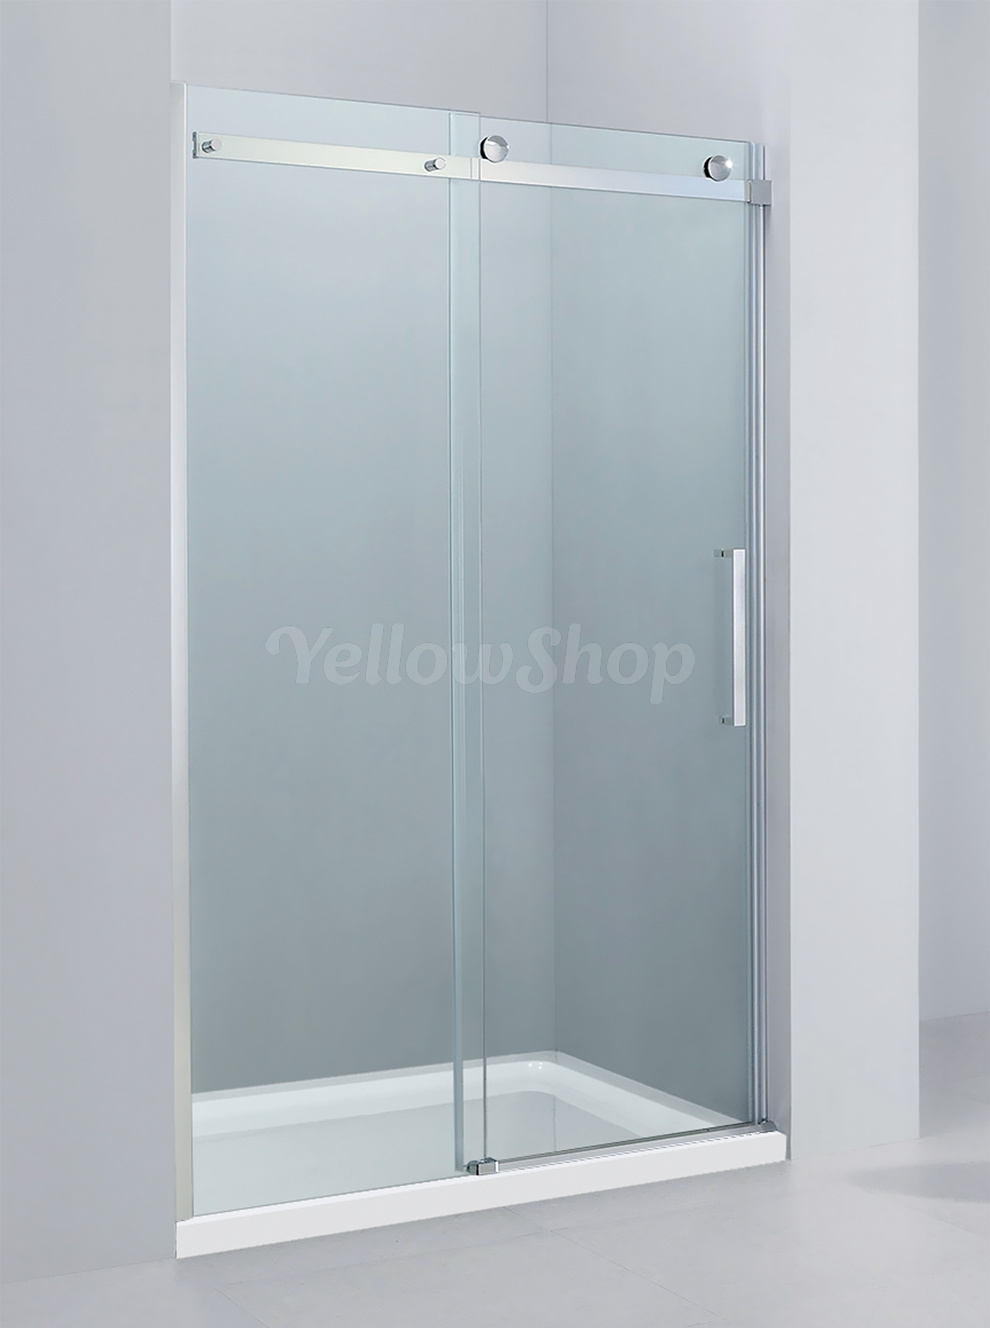 Box doccia porta anta scorrevole nicchia bagno 100 120 140 160 cristallo 8 mm ebay - Porta in cristallo scorrevole ...